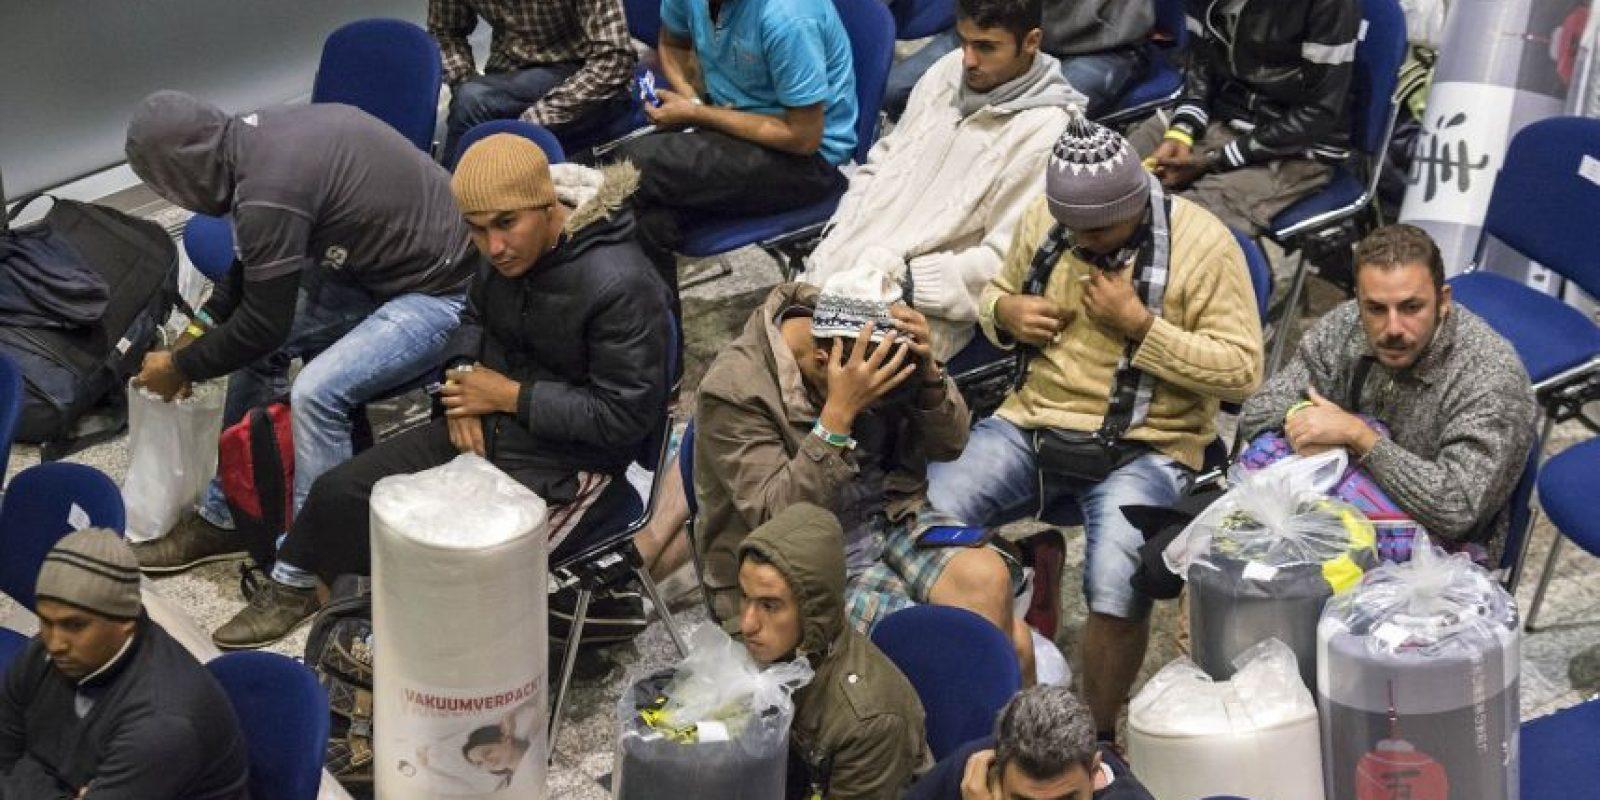 Esto debido a la gran cantidad de migrantes que ha llegado al país. Foto:AP